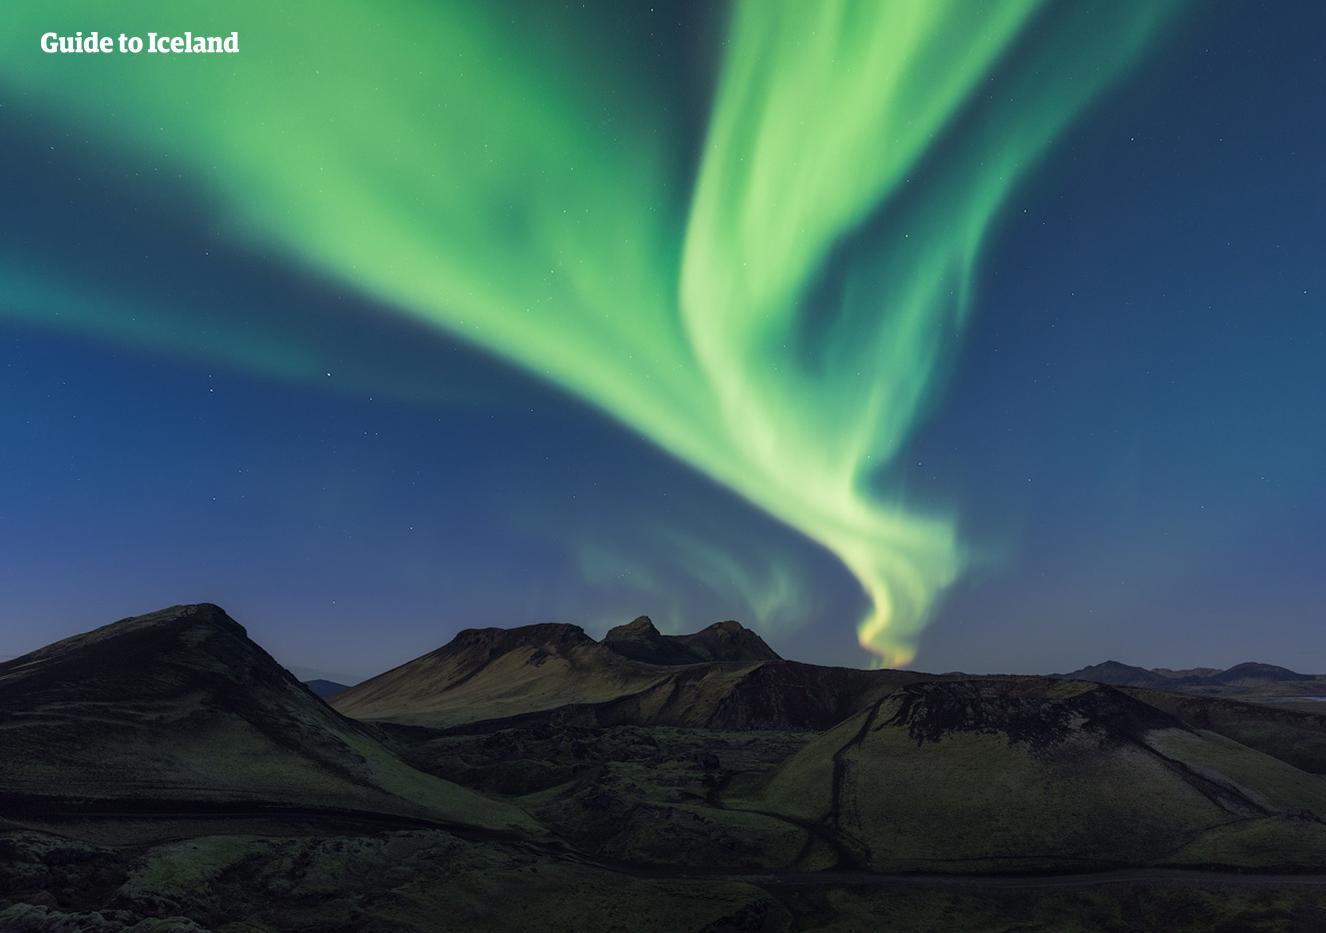 Nordlyssafarier arrangeres på land og på havet, og det er stor sannsynlighet for å se det utrolige nordlyset uansett hvilket alternativ du velger.